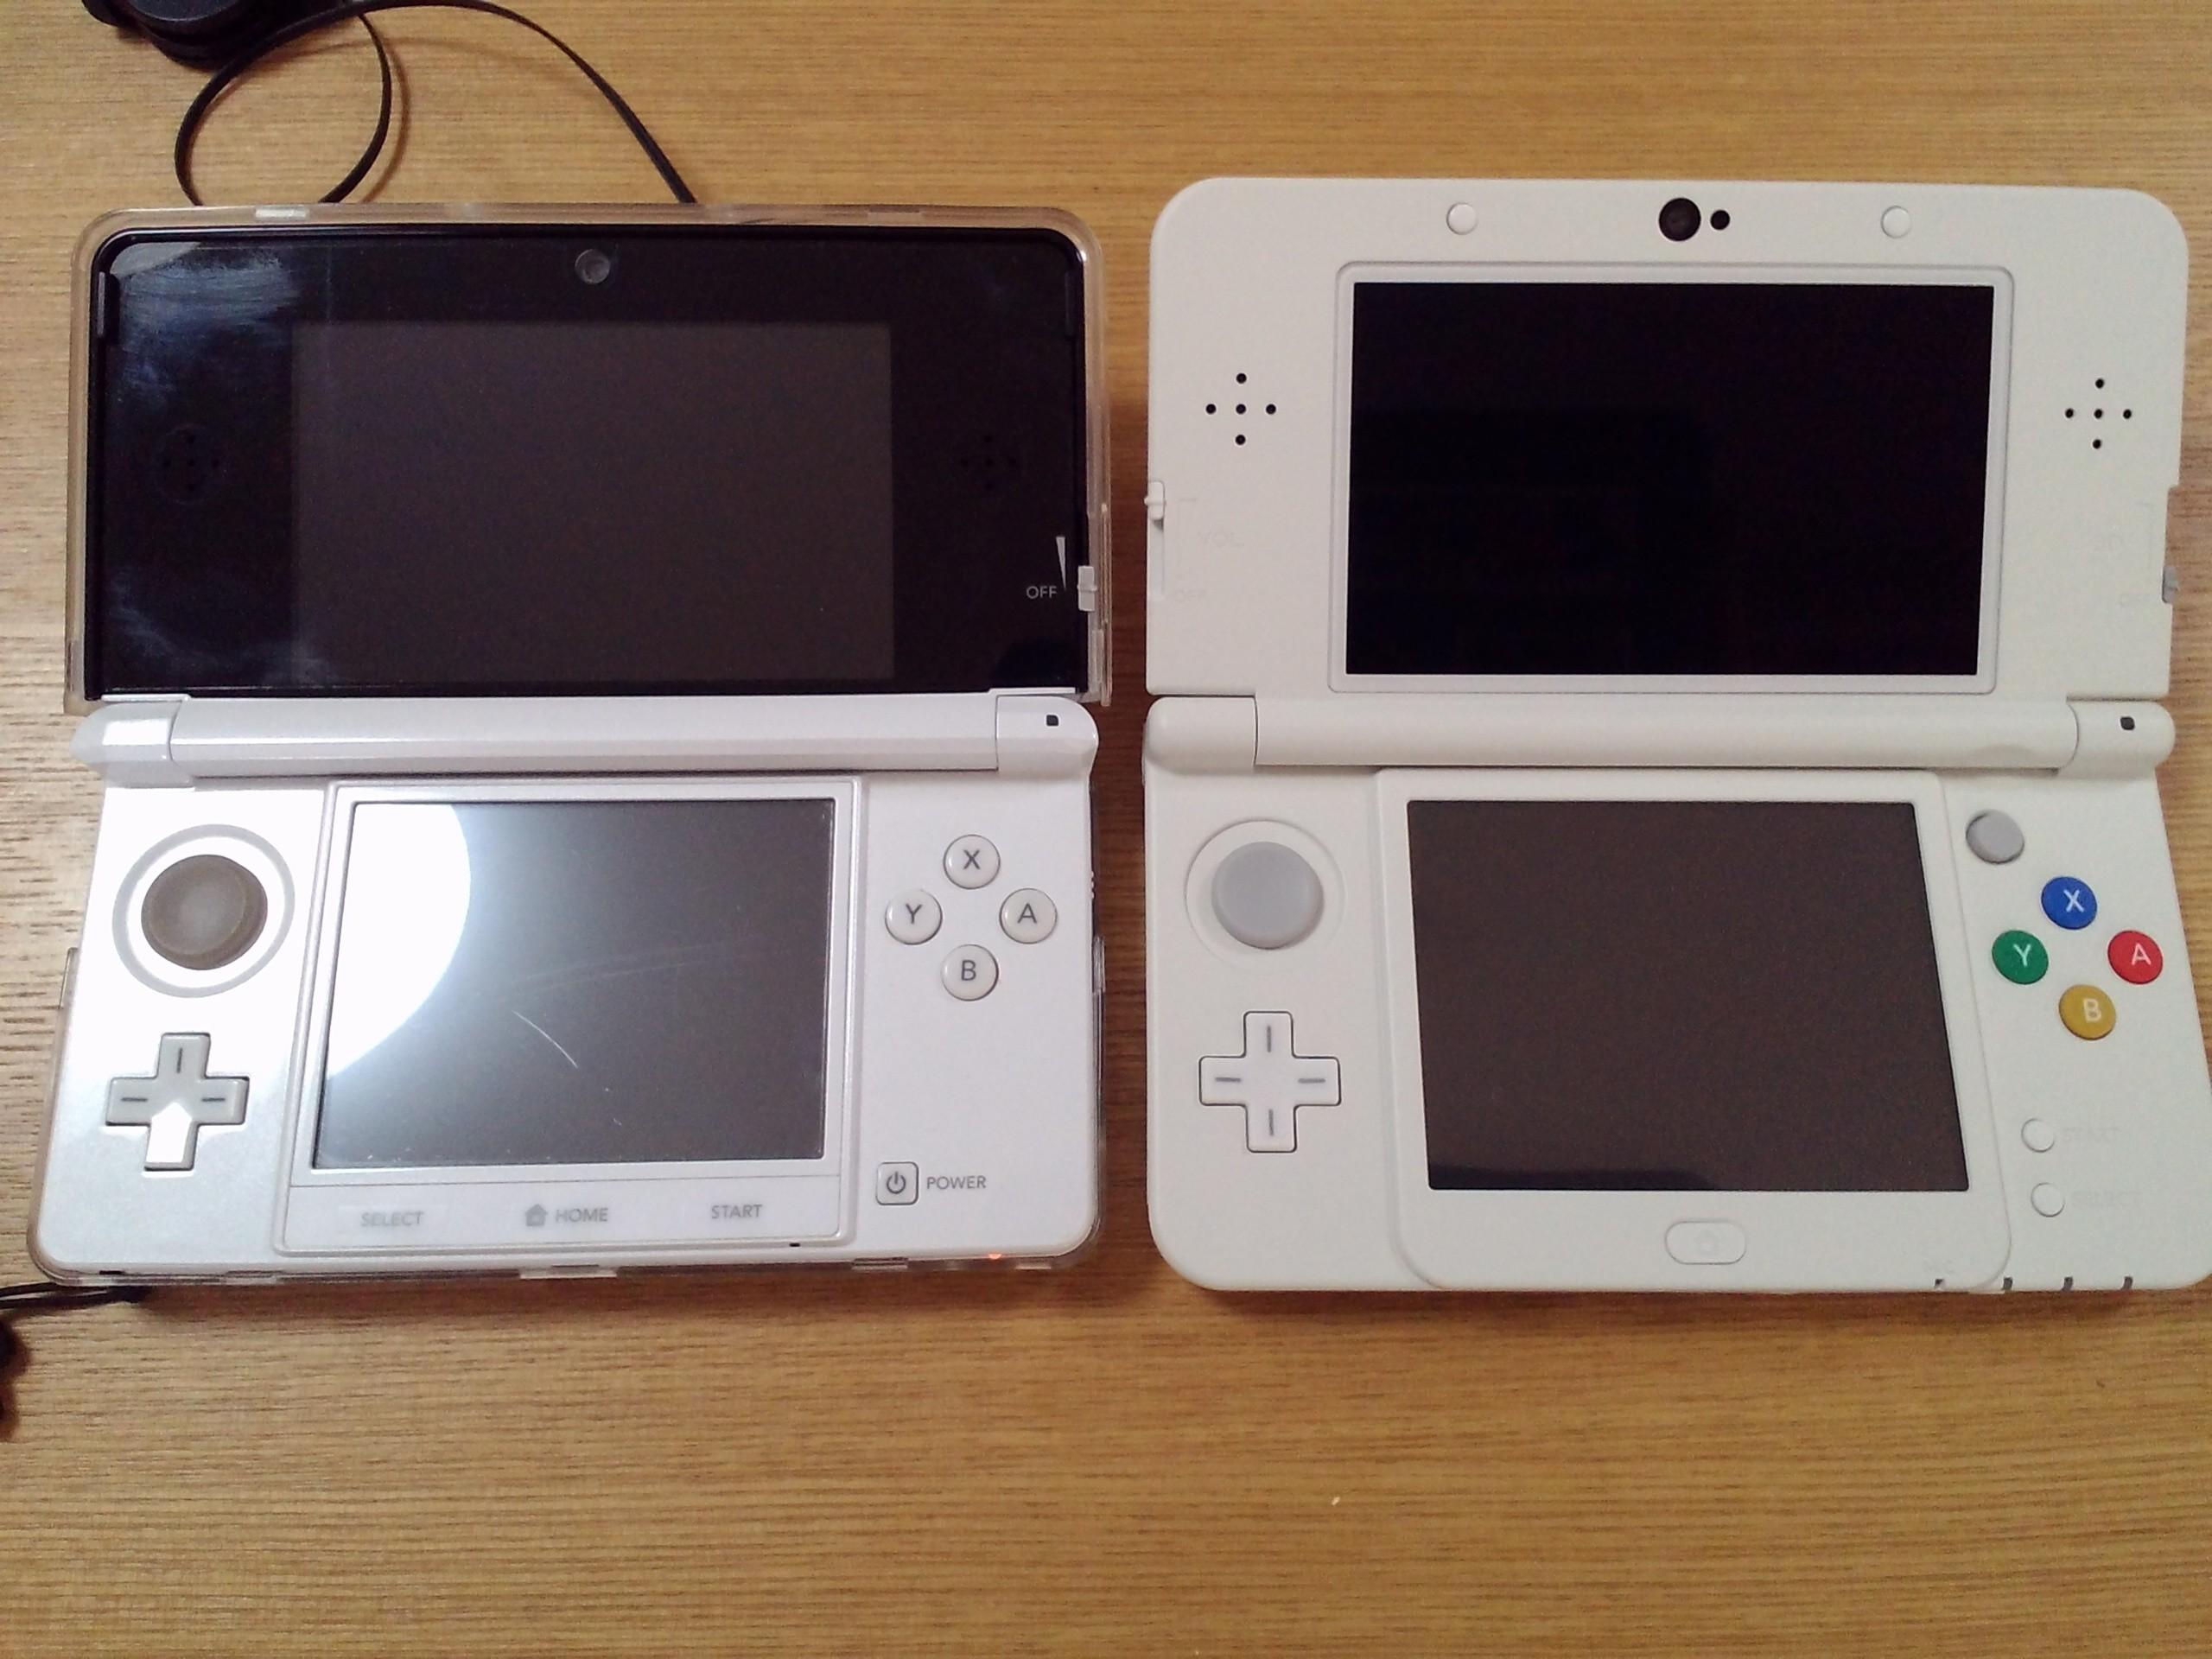 うさぎ愛好会 - 【ゲーム/3DS】 new3DS発売日でした。ぷちっと ...